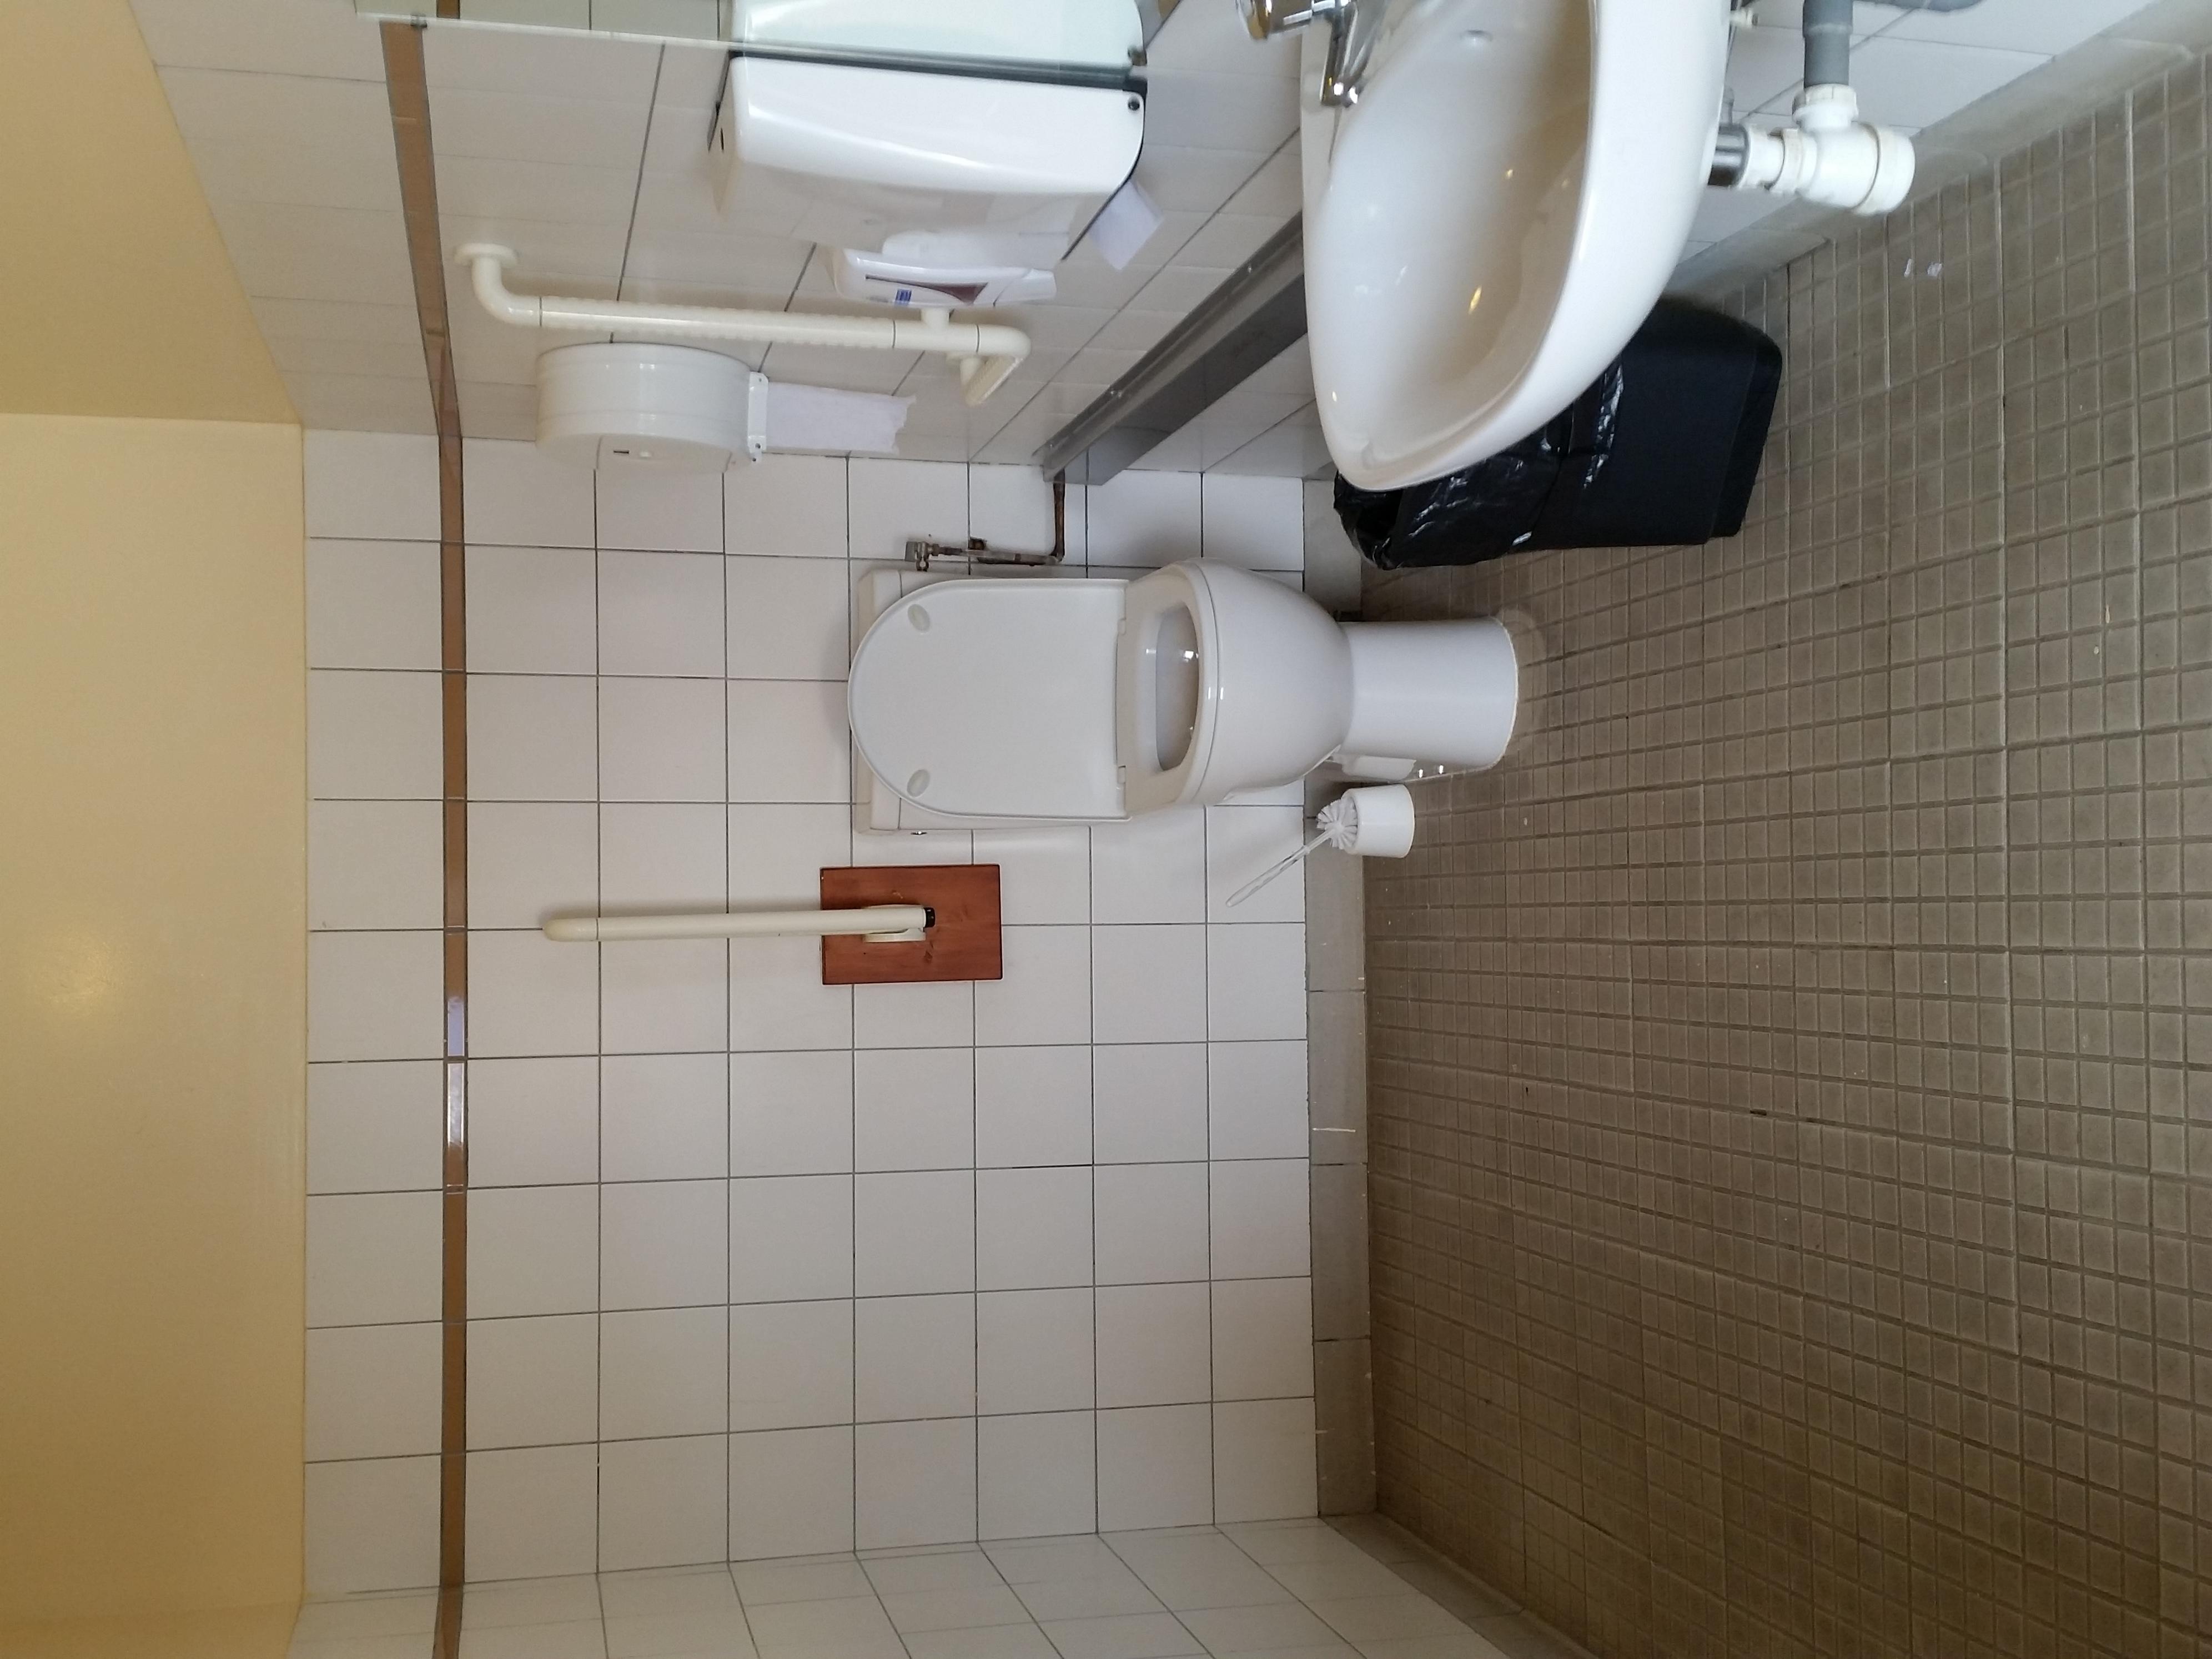 toilette handicap la plagne. Black Bedroom Furniture Sets. Home Design Ideas